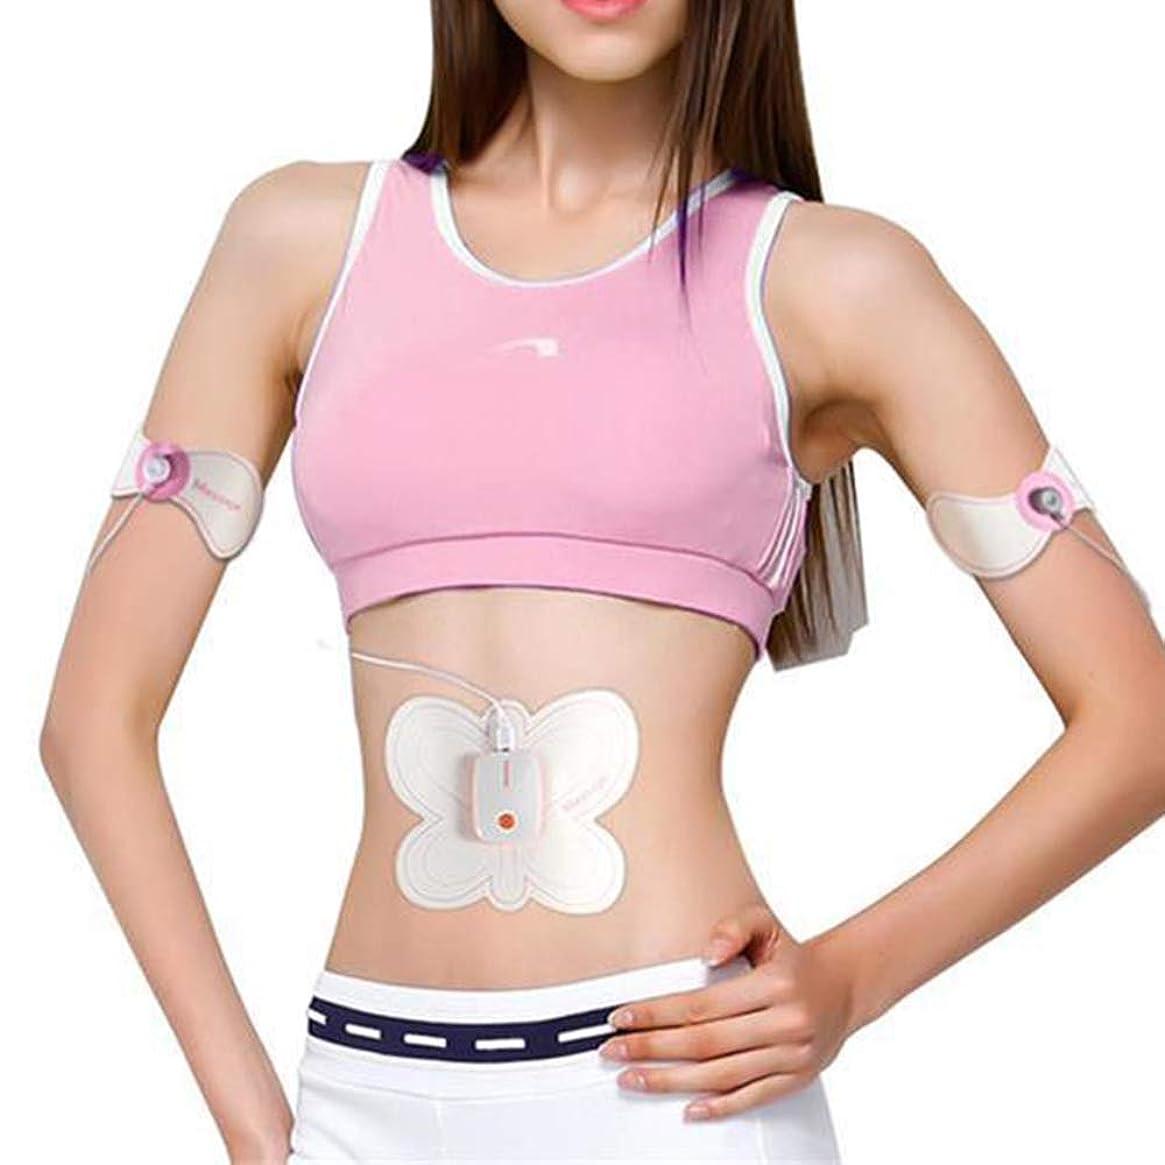 究極の腹部刺激装置、 USB充電インテリジェントABS腹部トレーナー、 腕と脚の筋肉トレーニング刺激装置、 オフィスホームジムフィットネス機器